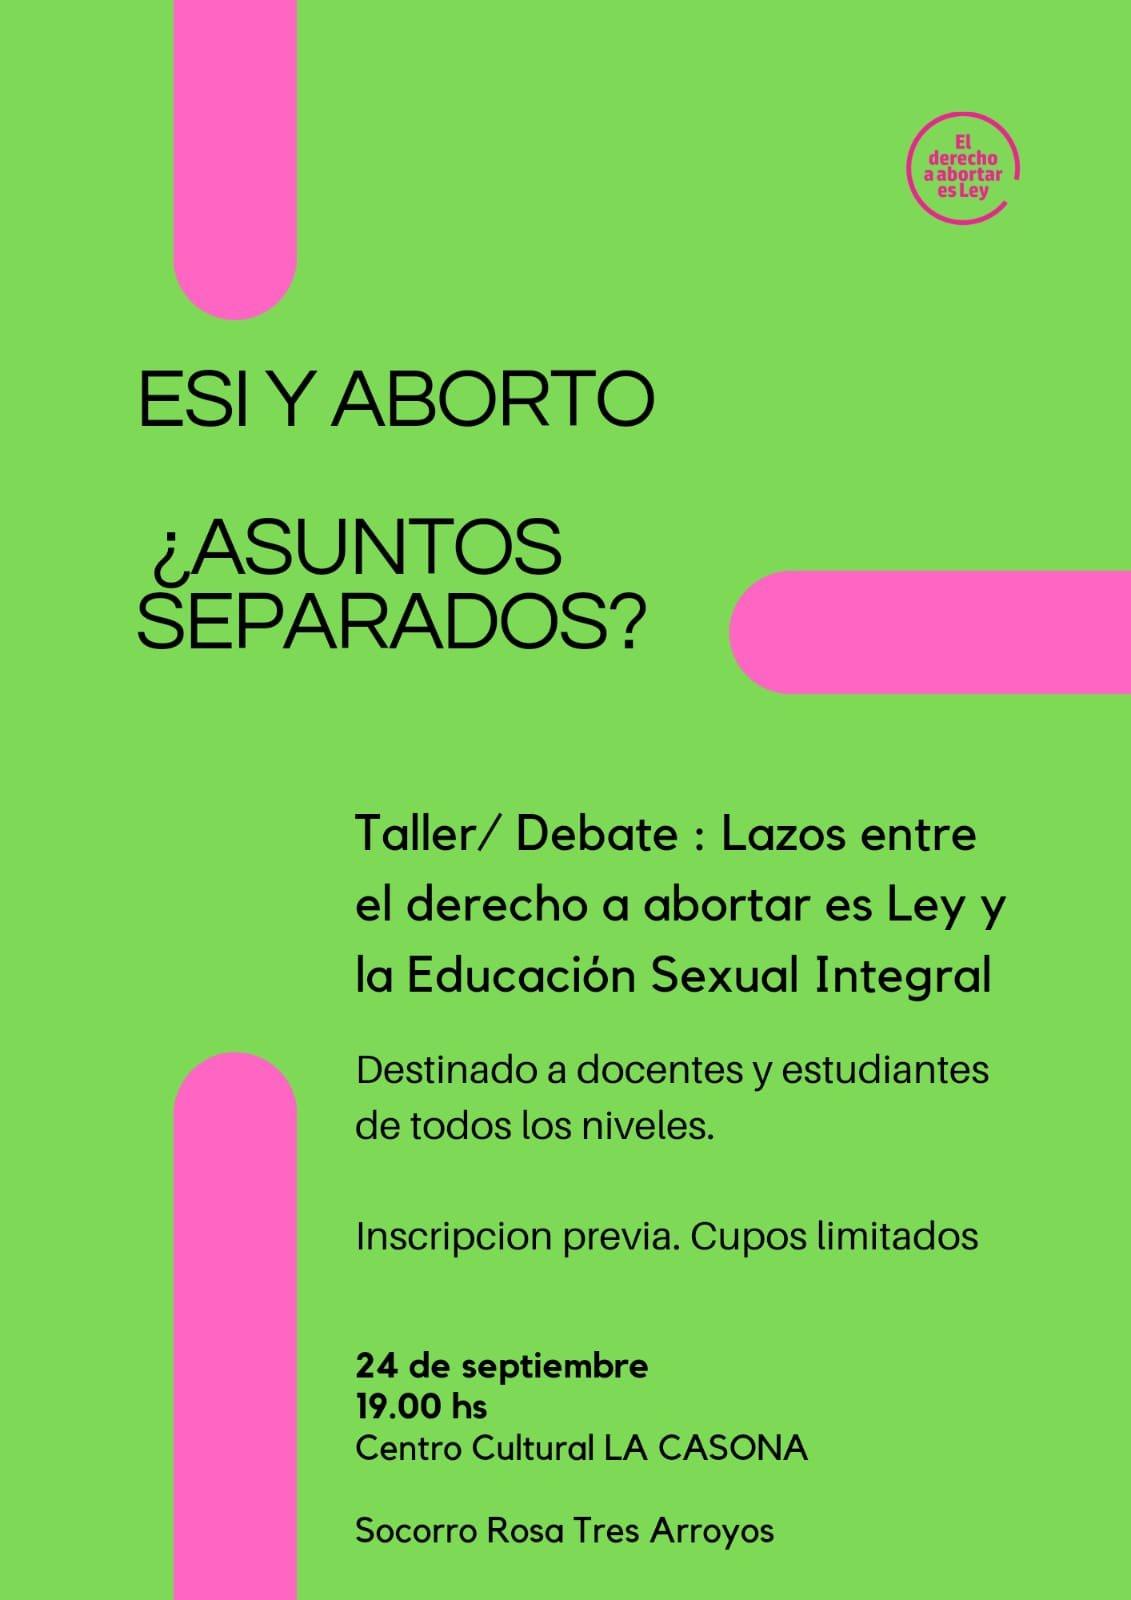 Aborto y Educación Sexual Integral: Socorro Rosa realizará taller para docentes